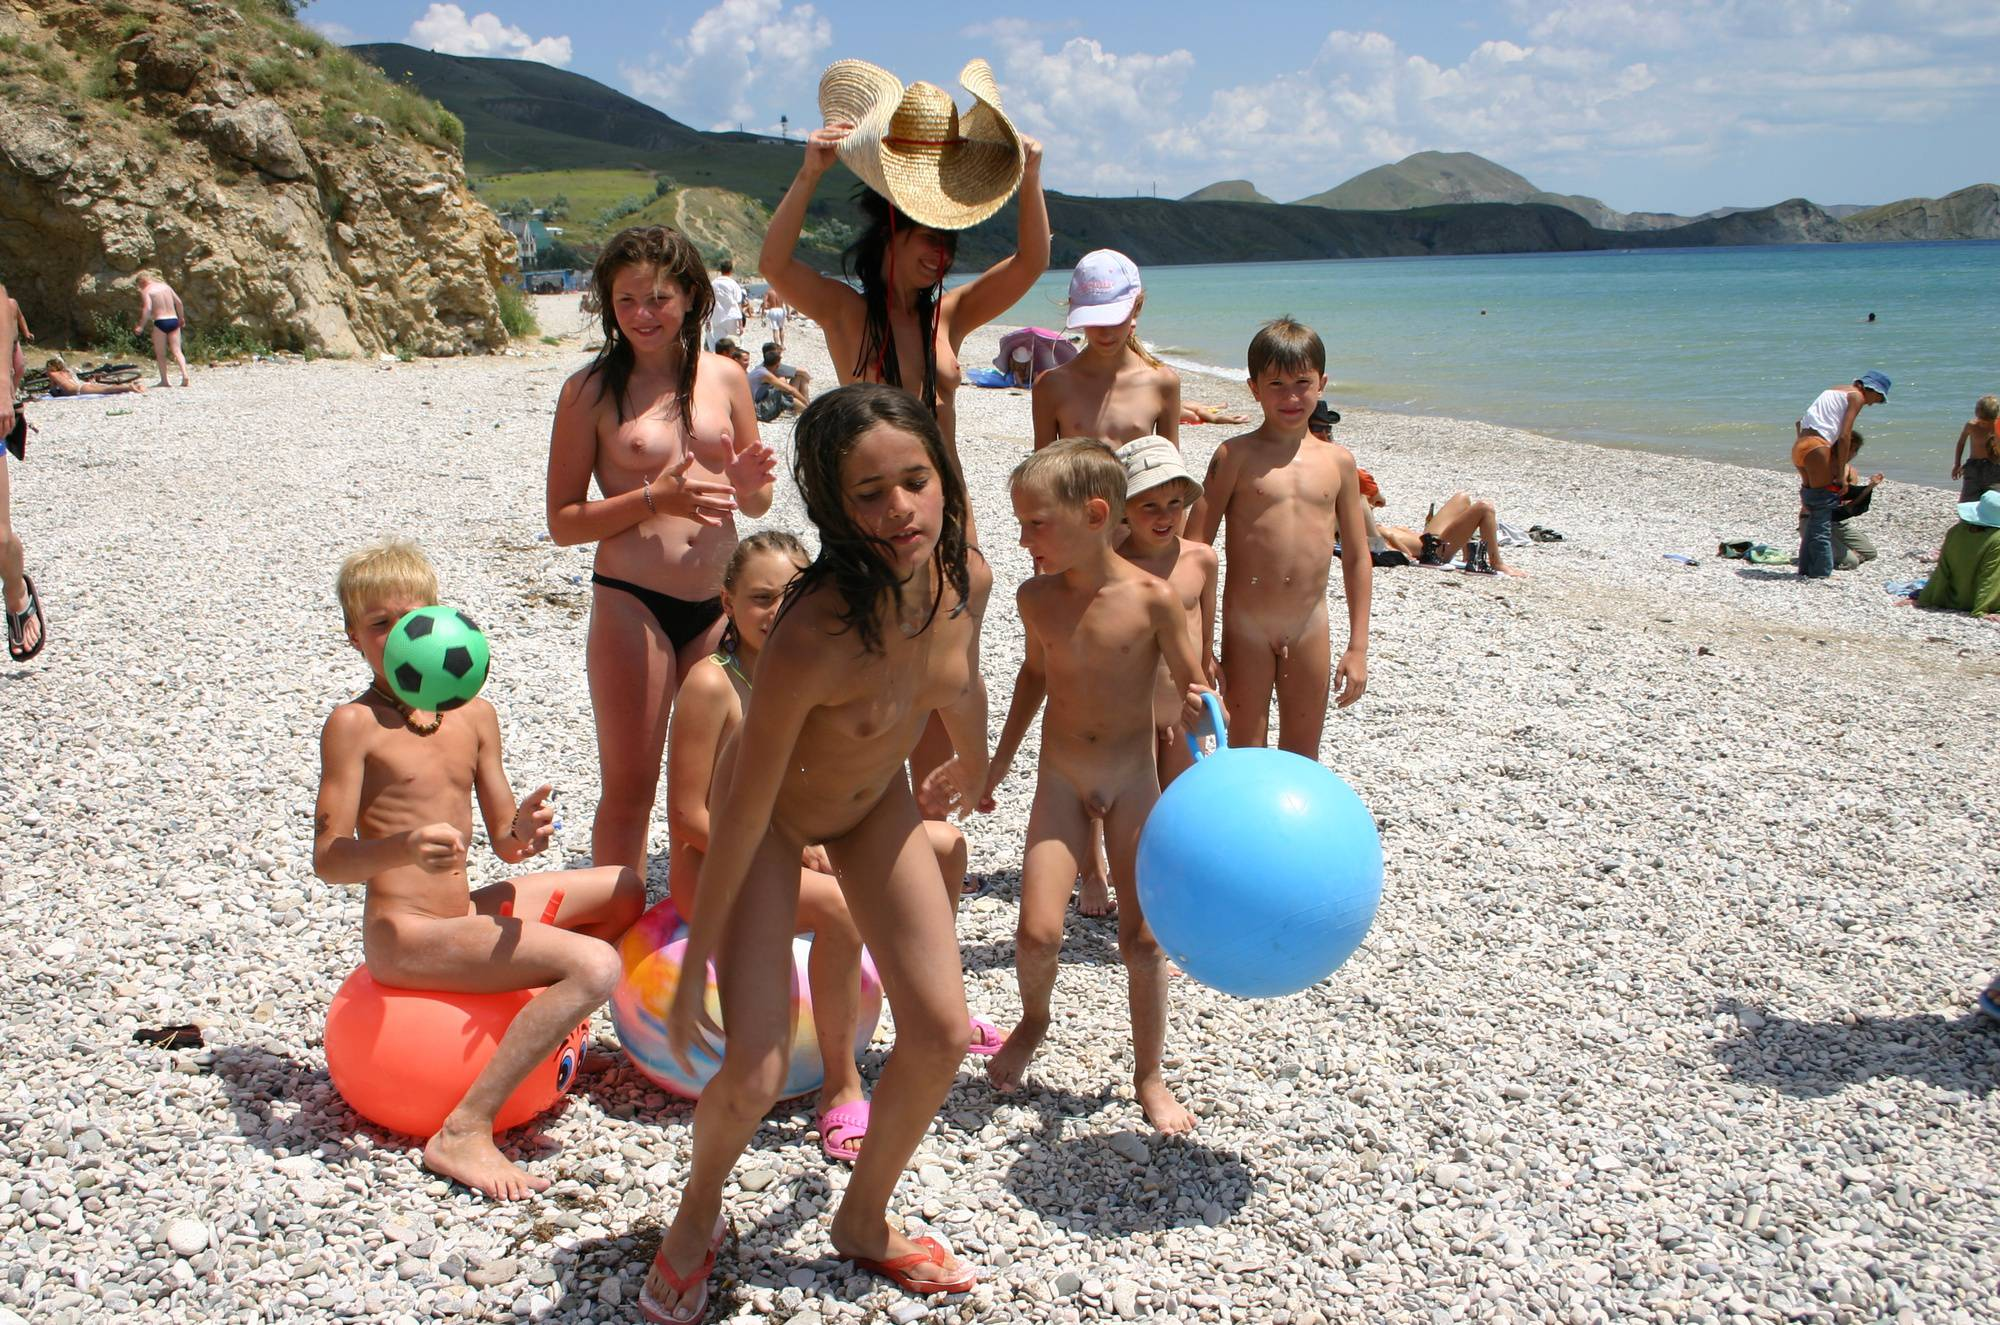 Purenudism Gallery-Crimea Family Sand Profile - 1